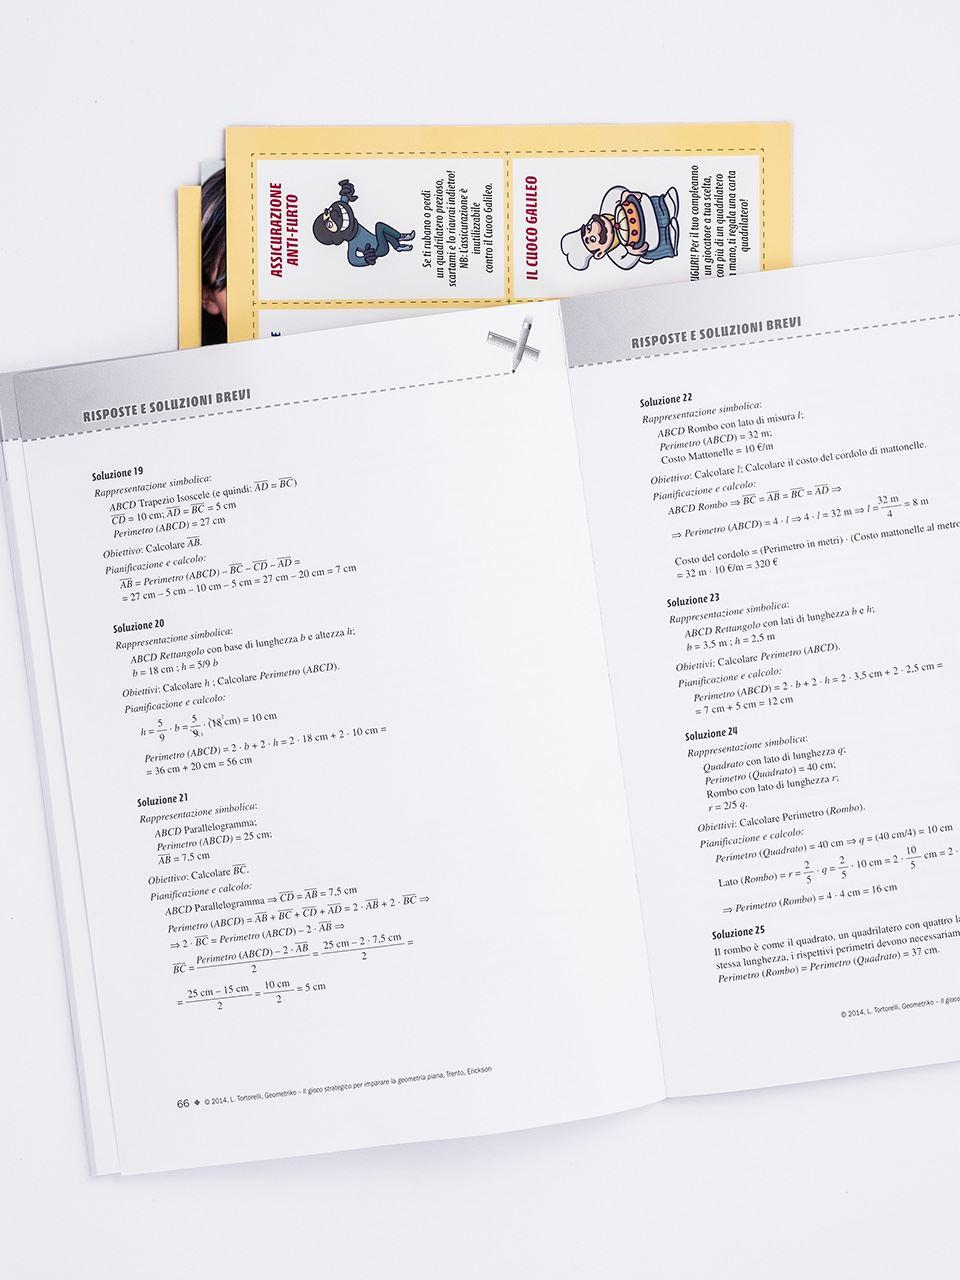 Geometriko - Il gioco strategico per imparare la g - Libri - Erickson 2